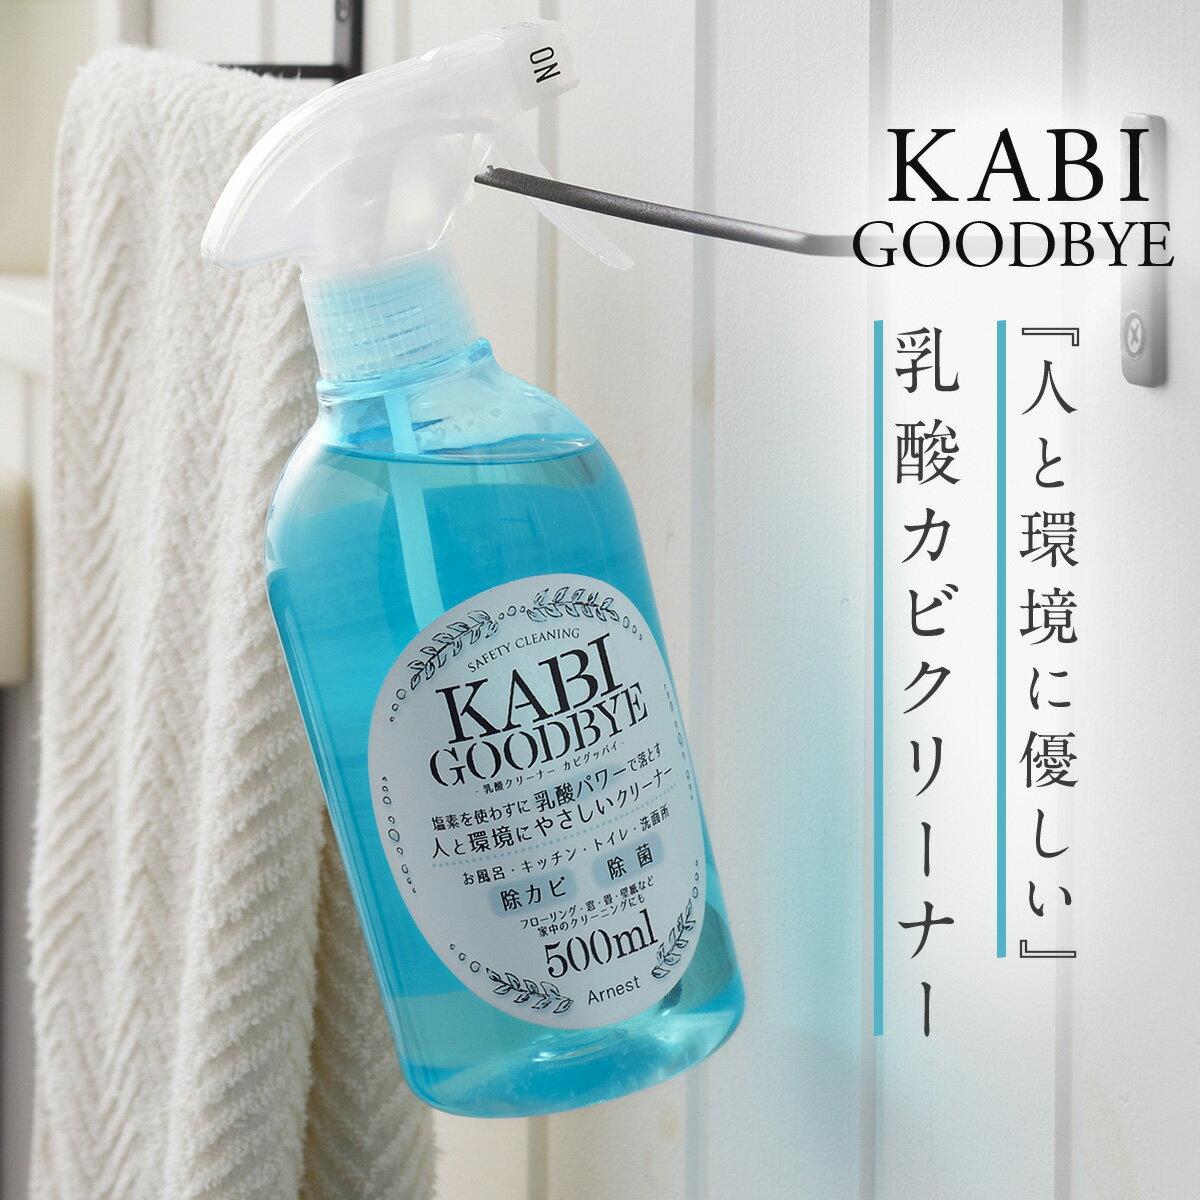 カビ取り カビ防止 お風呂 水回り 天然成分 乳酸クリーナー カビグッバイ 500ml アイデア 便利